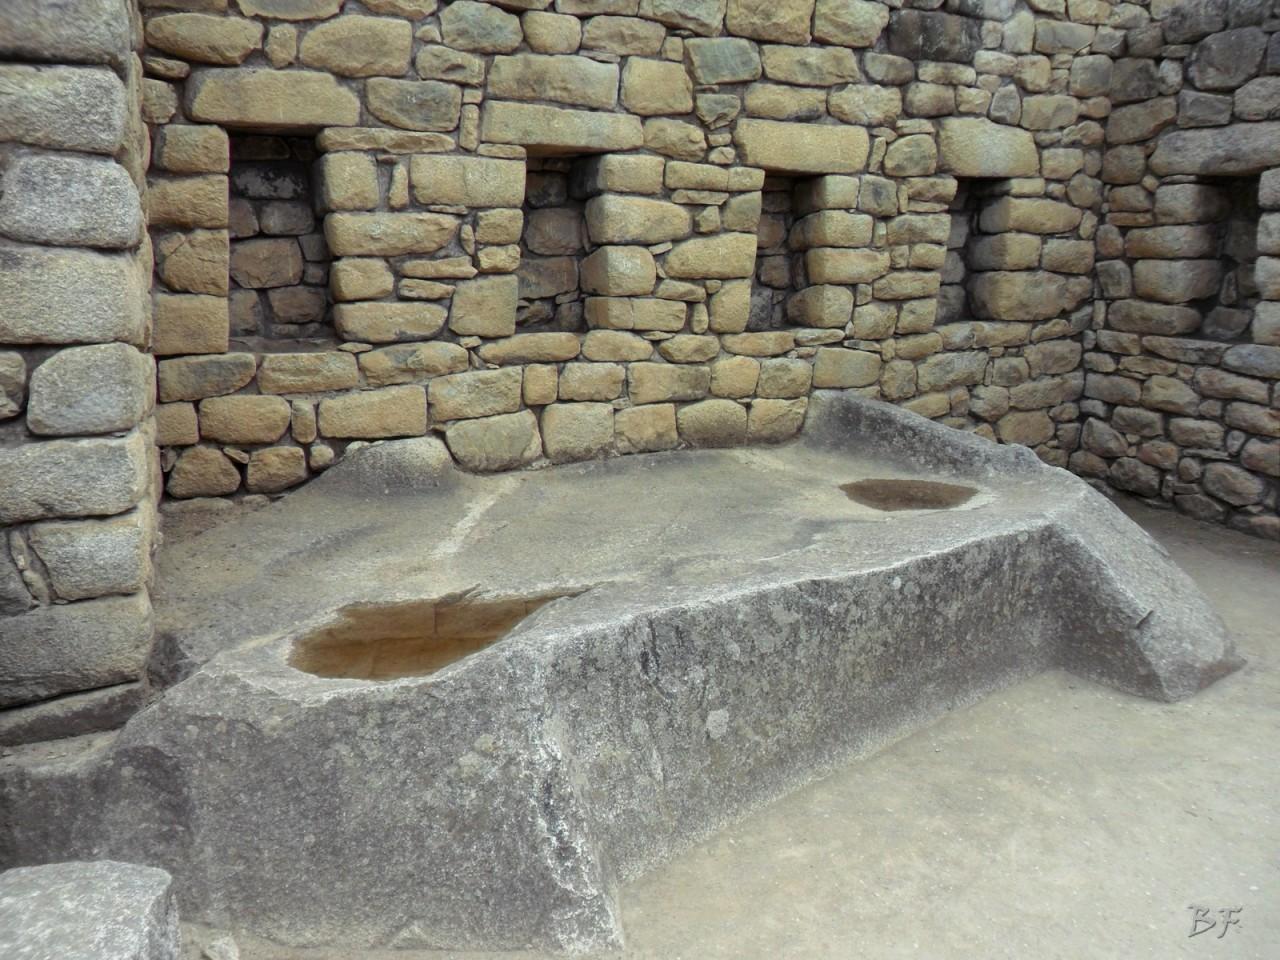 Mura-Poligonali-Incisioni-Altari-Edifici-Rupestri-Megaliti-Machu-Picchu-Aguas-Calientes-Urubamba-Cusco-Perù-98